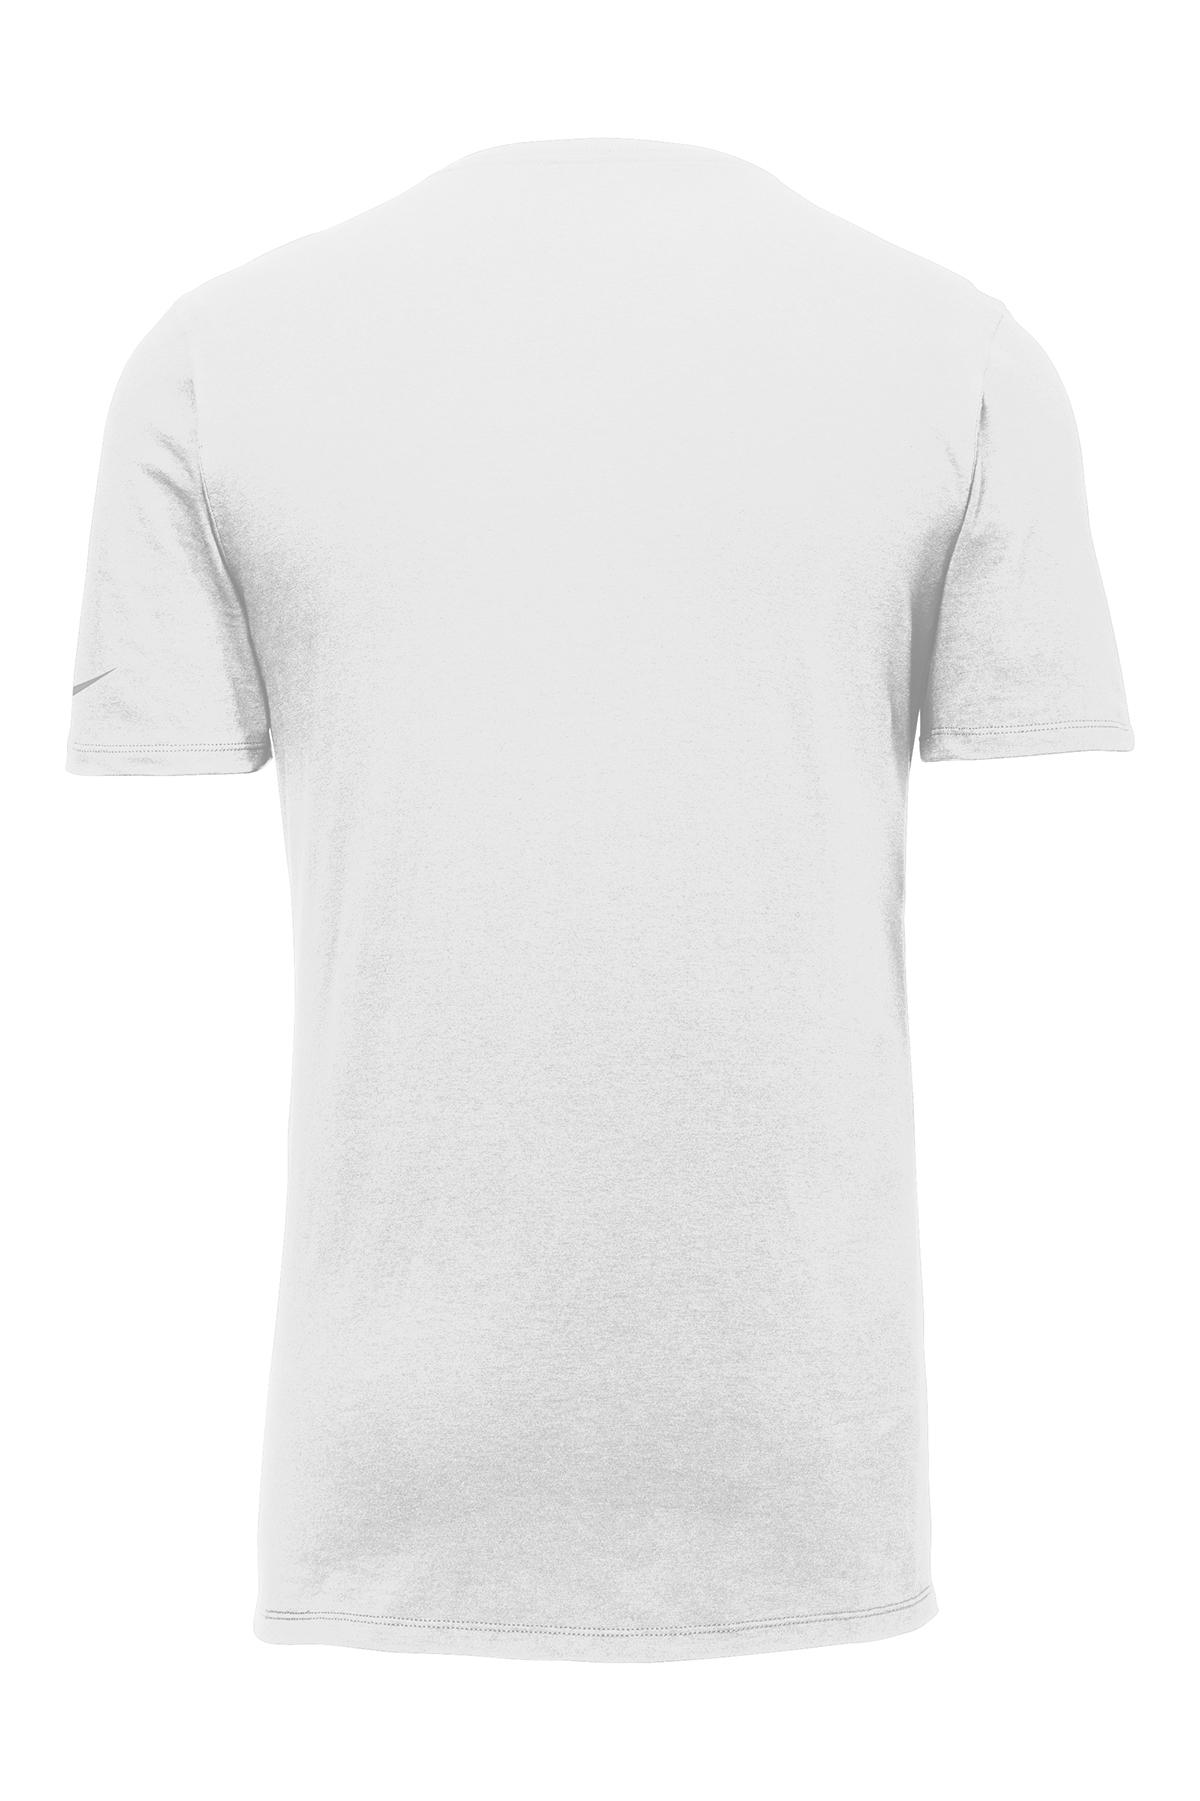 97ce5ce1 Mens Dri Fit Shirts 3xl